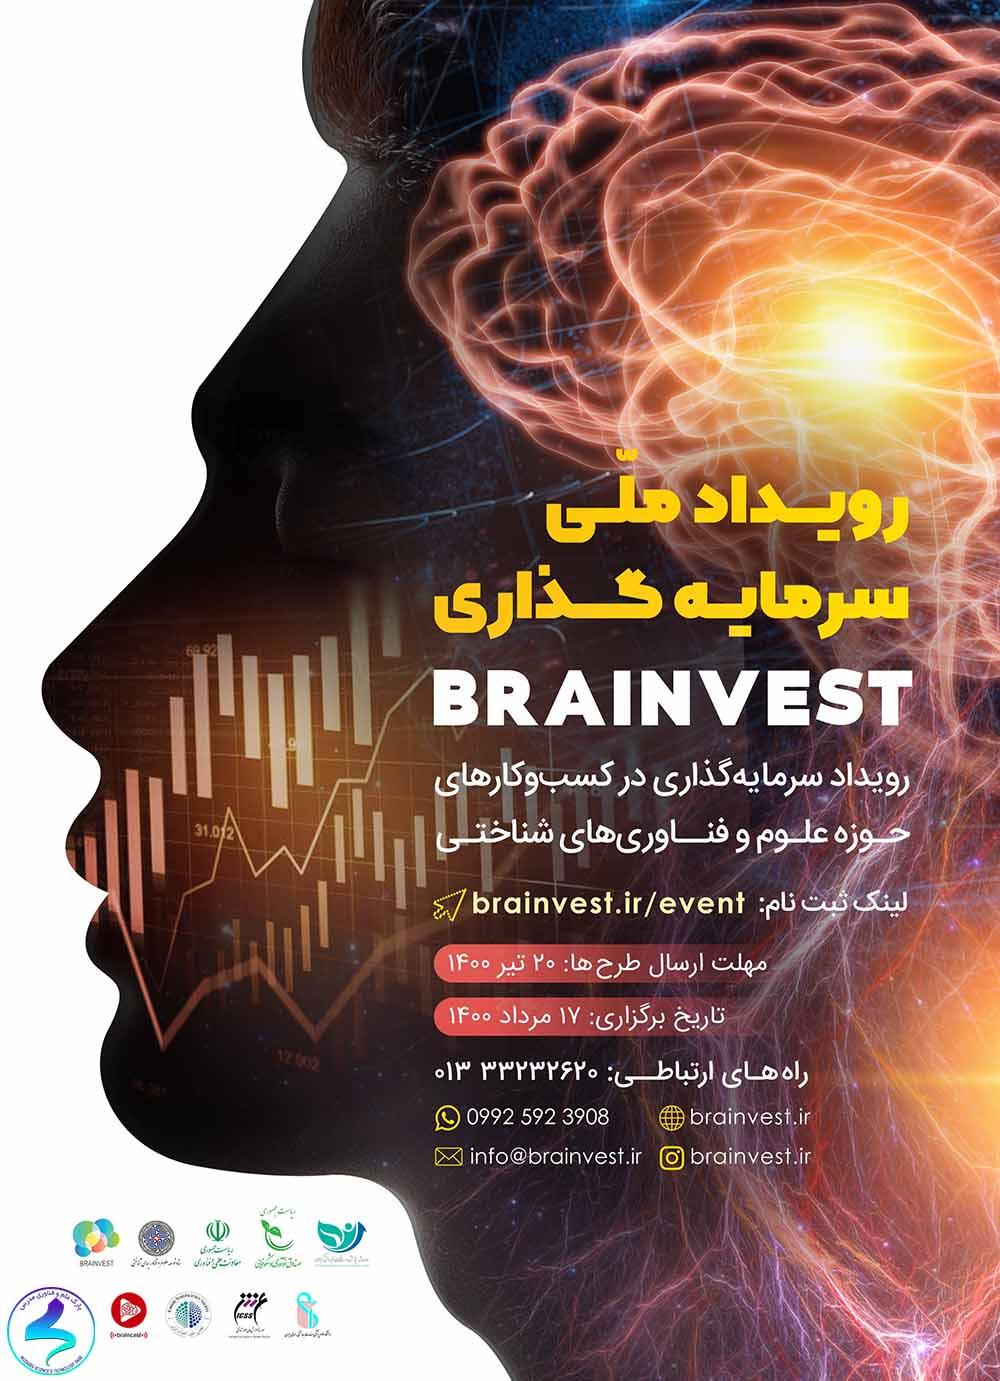 برگزاری رویداد سرمایهگذاری در فناوریهای شناختی